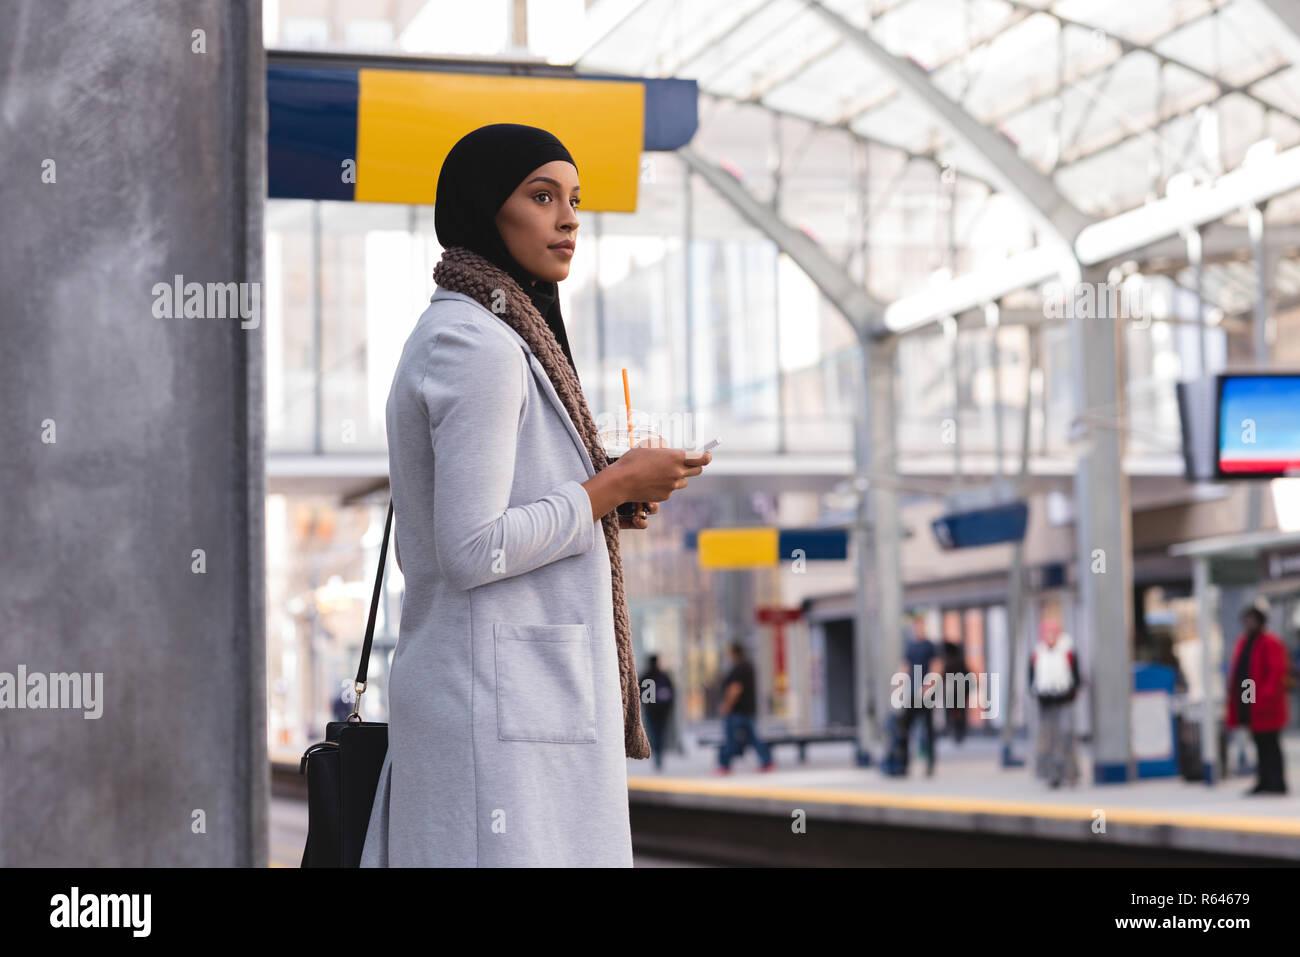 La donna in attesa del treno mentre si utilizza il telefono cellulare alla stazione ferroviaria Foto Stock